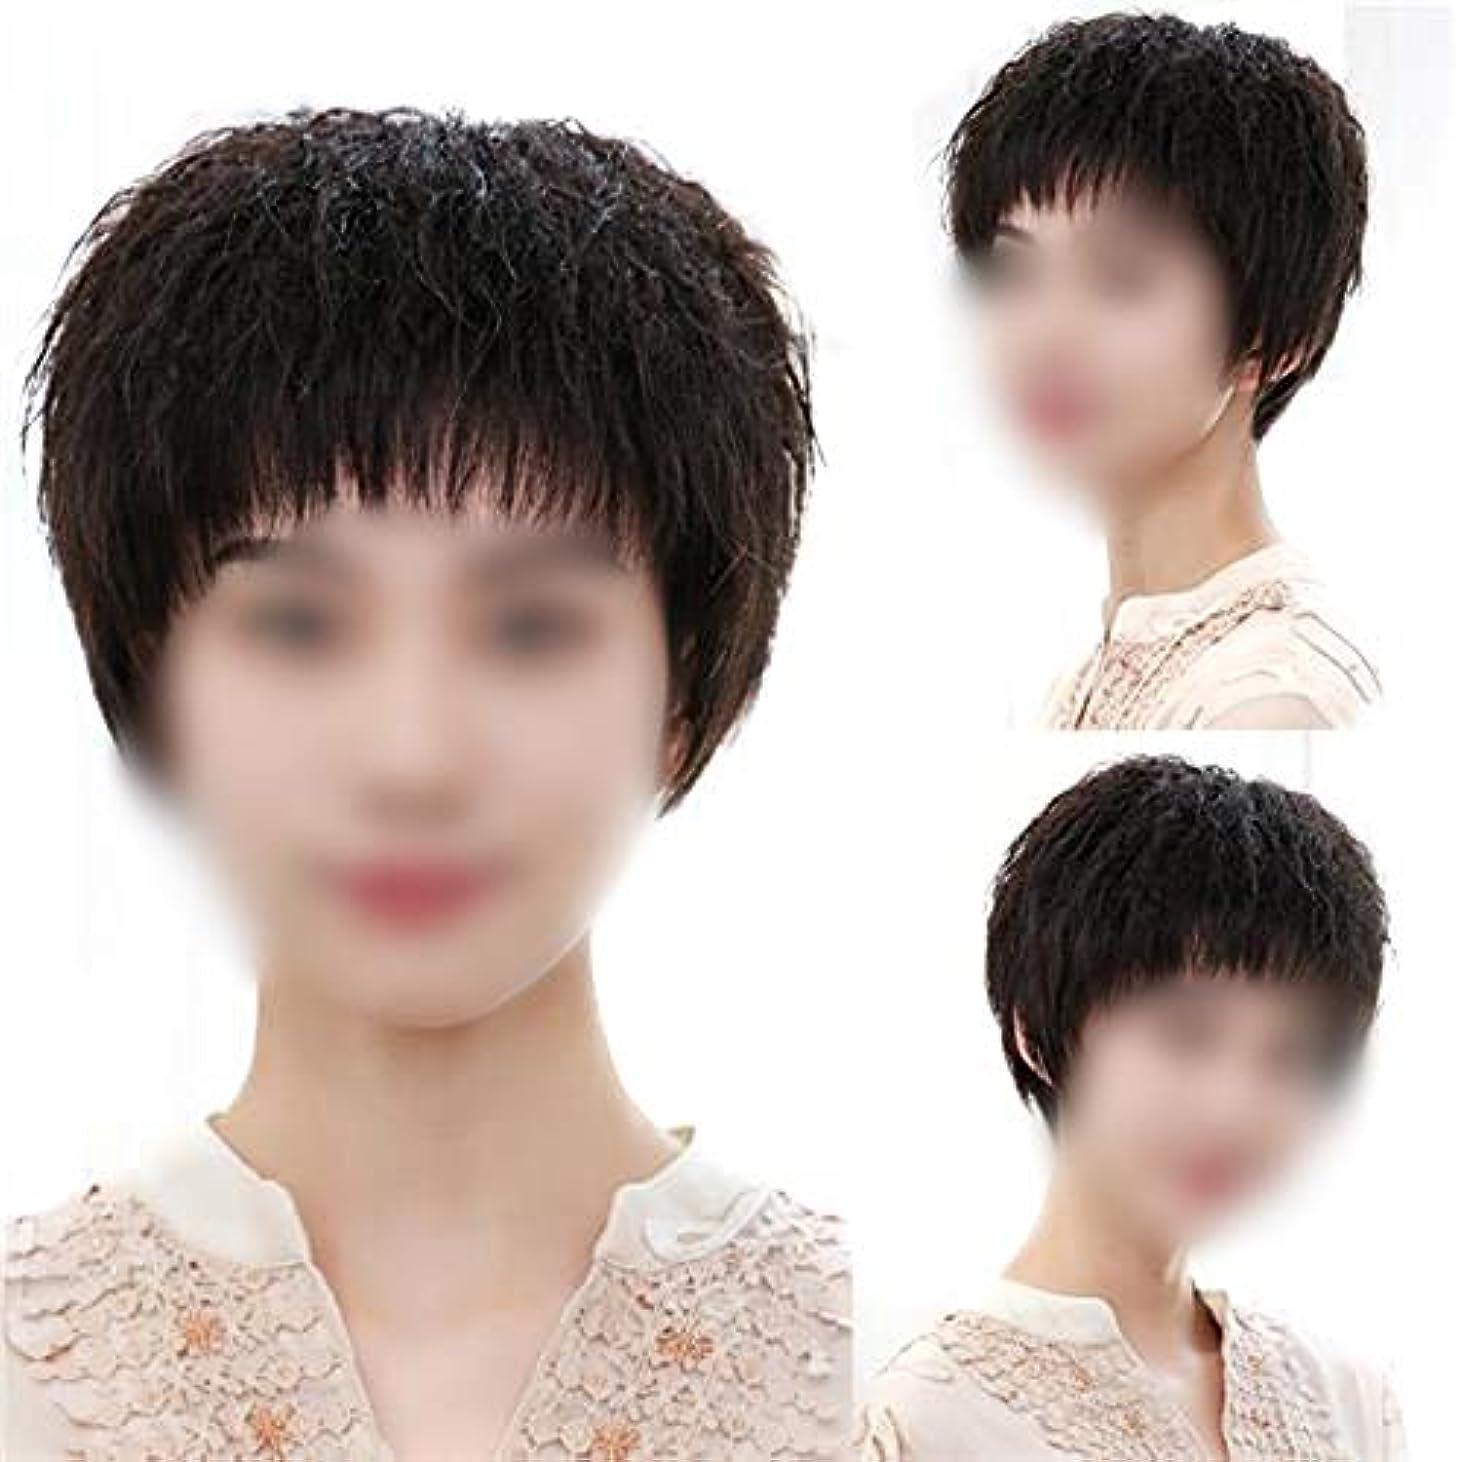 飢領事館宿泊施設YOUQIU フル手織り実髪コーンホットショートカーリーヘアウィッグ女性のために現実的なナチュラルウィッグ (色 : Natural black)